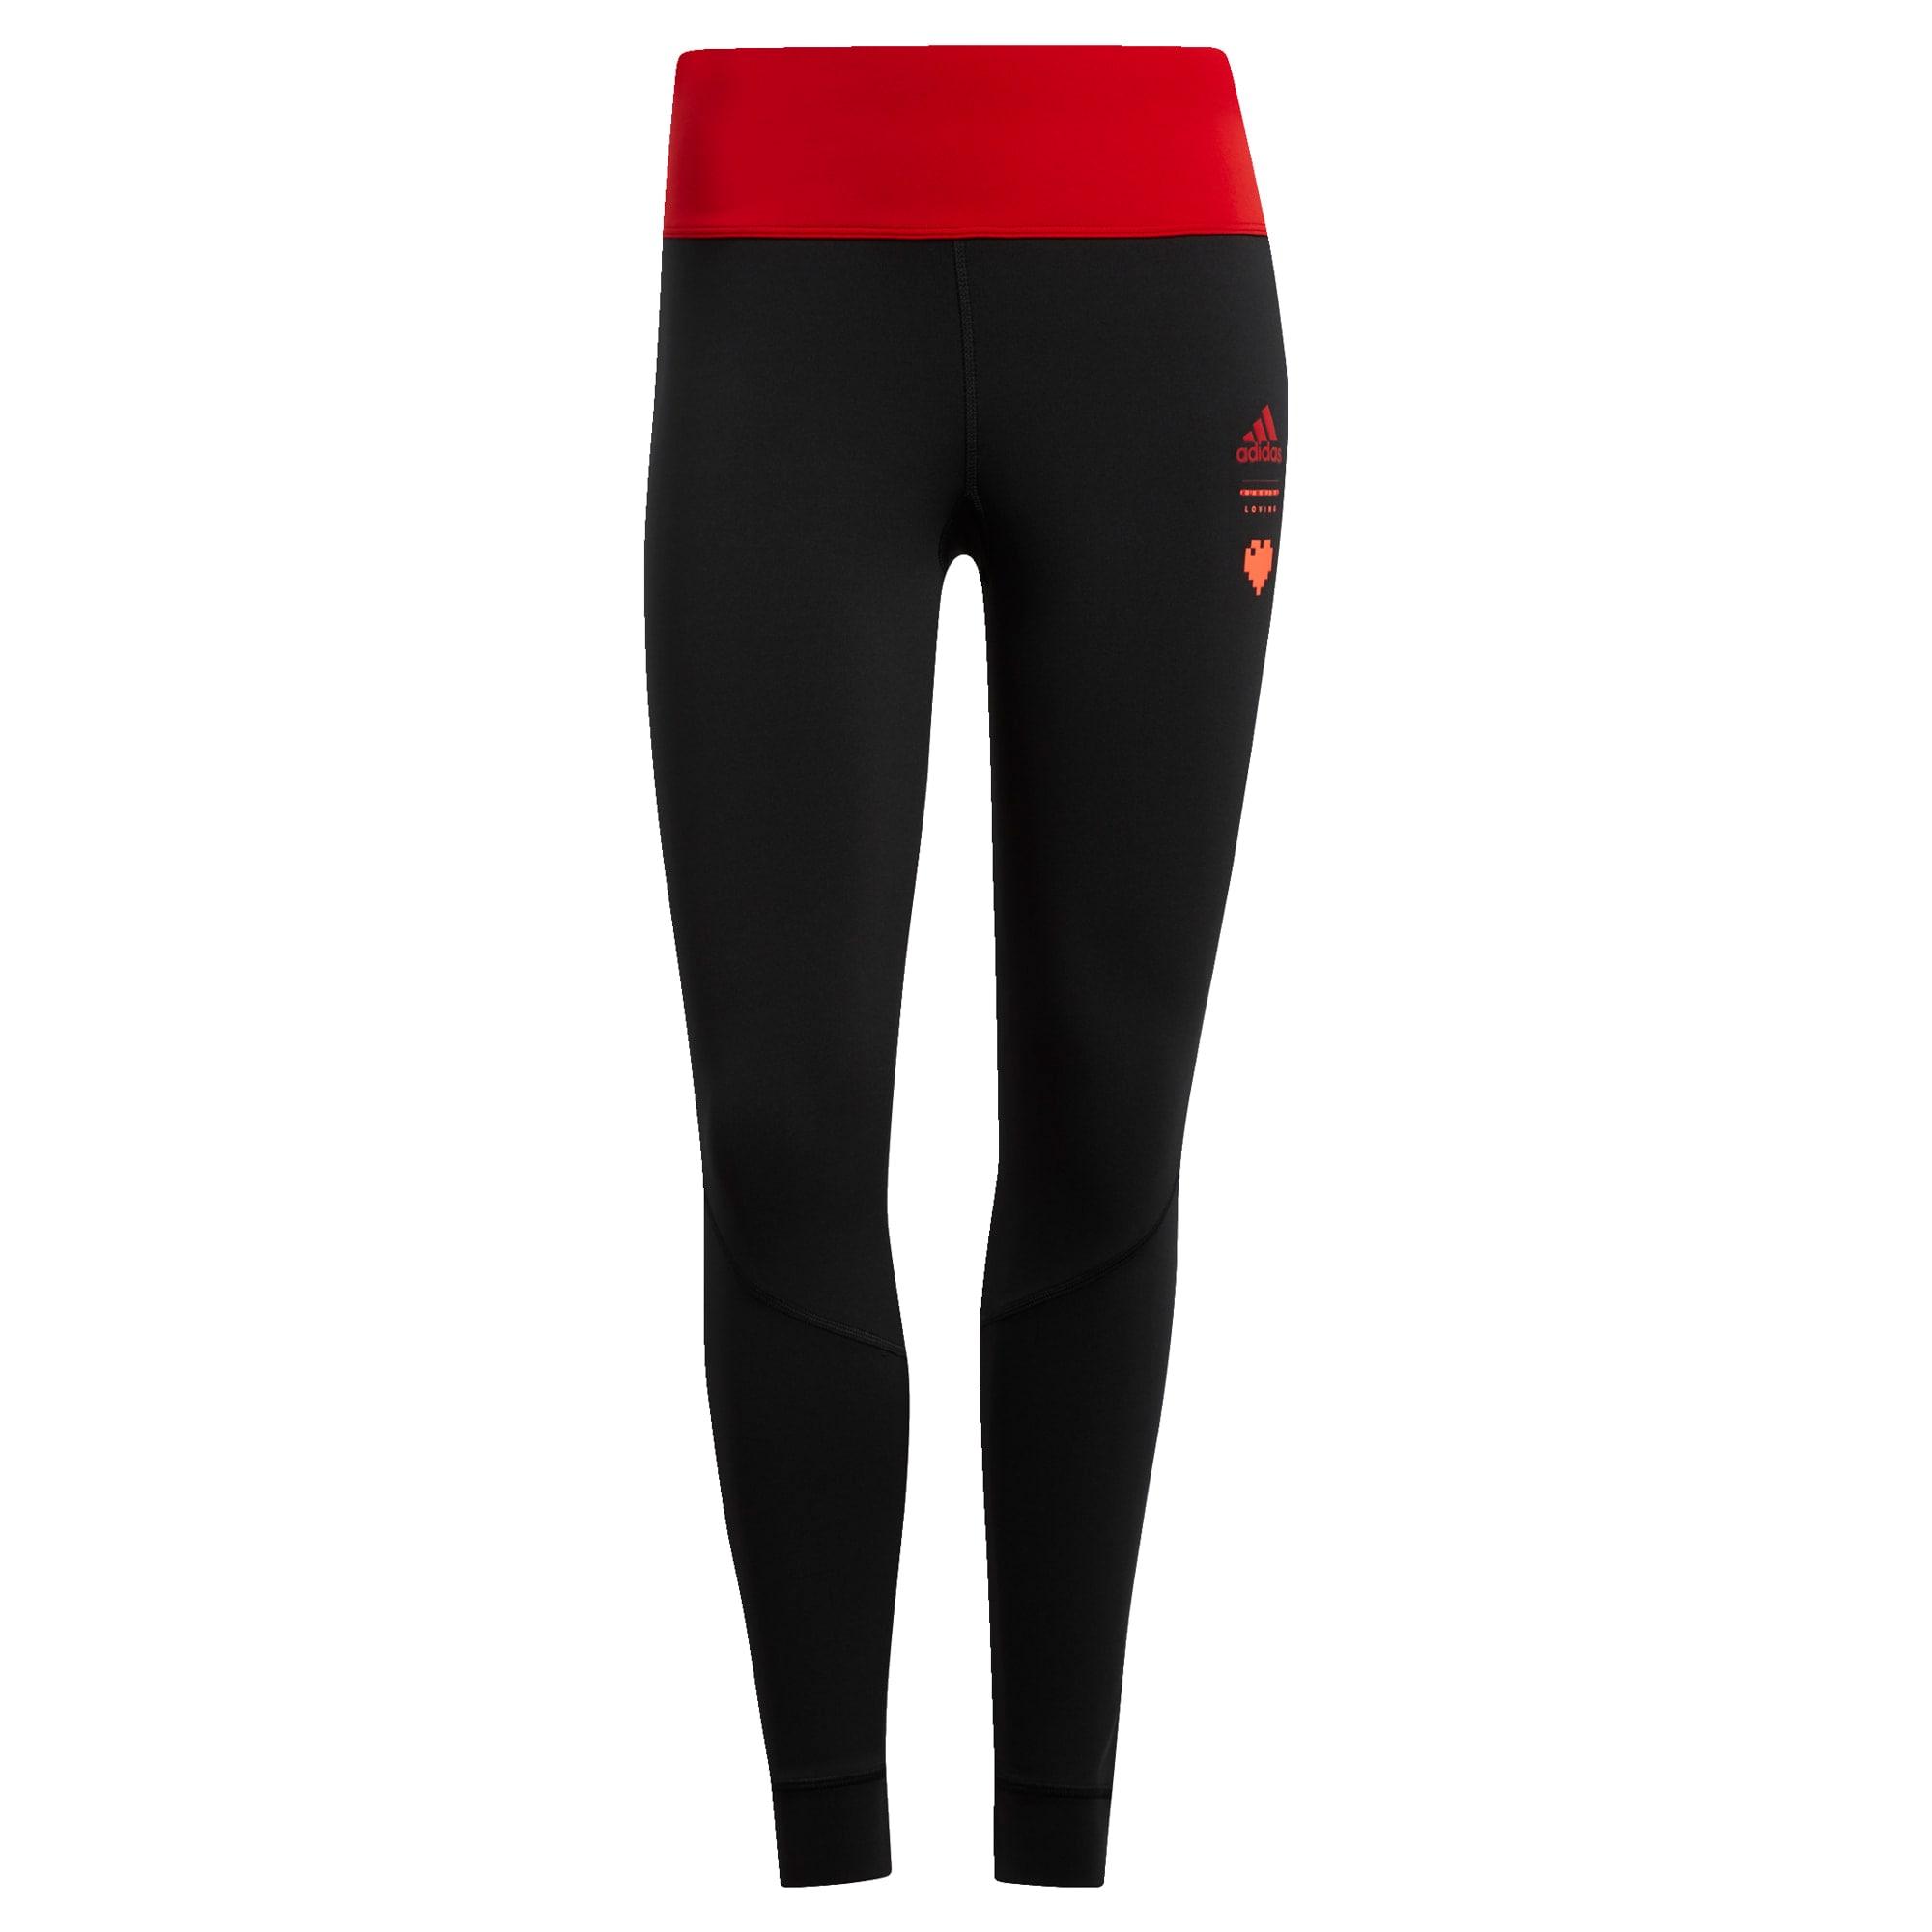 ADIDAS PERFORMANCE Sportinės kelnės raudona / juoda